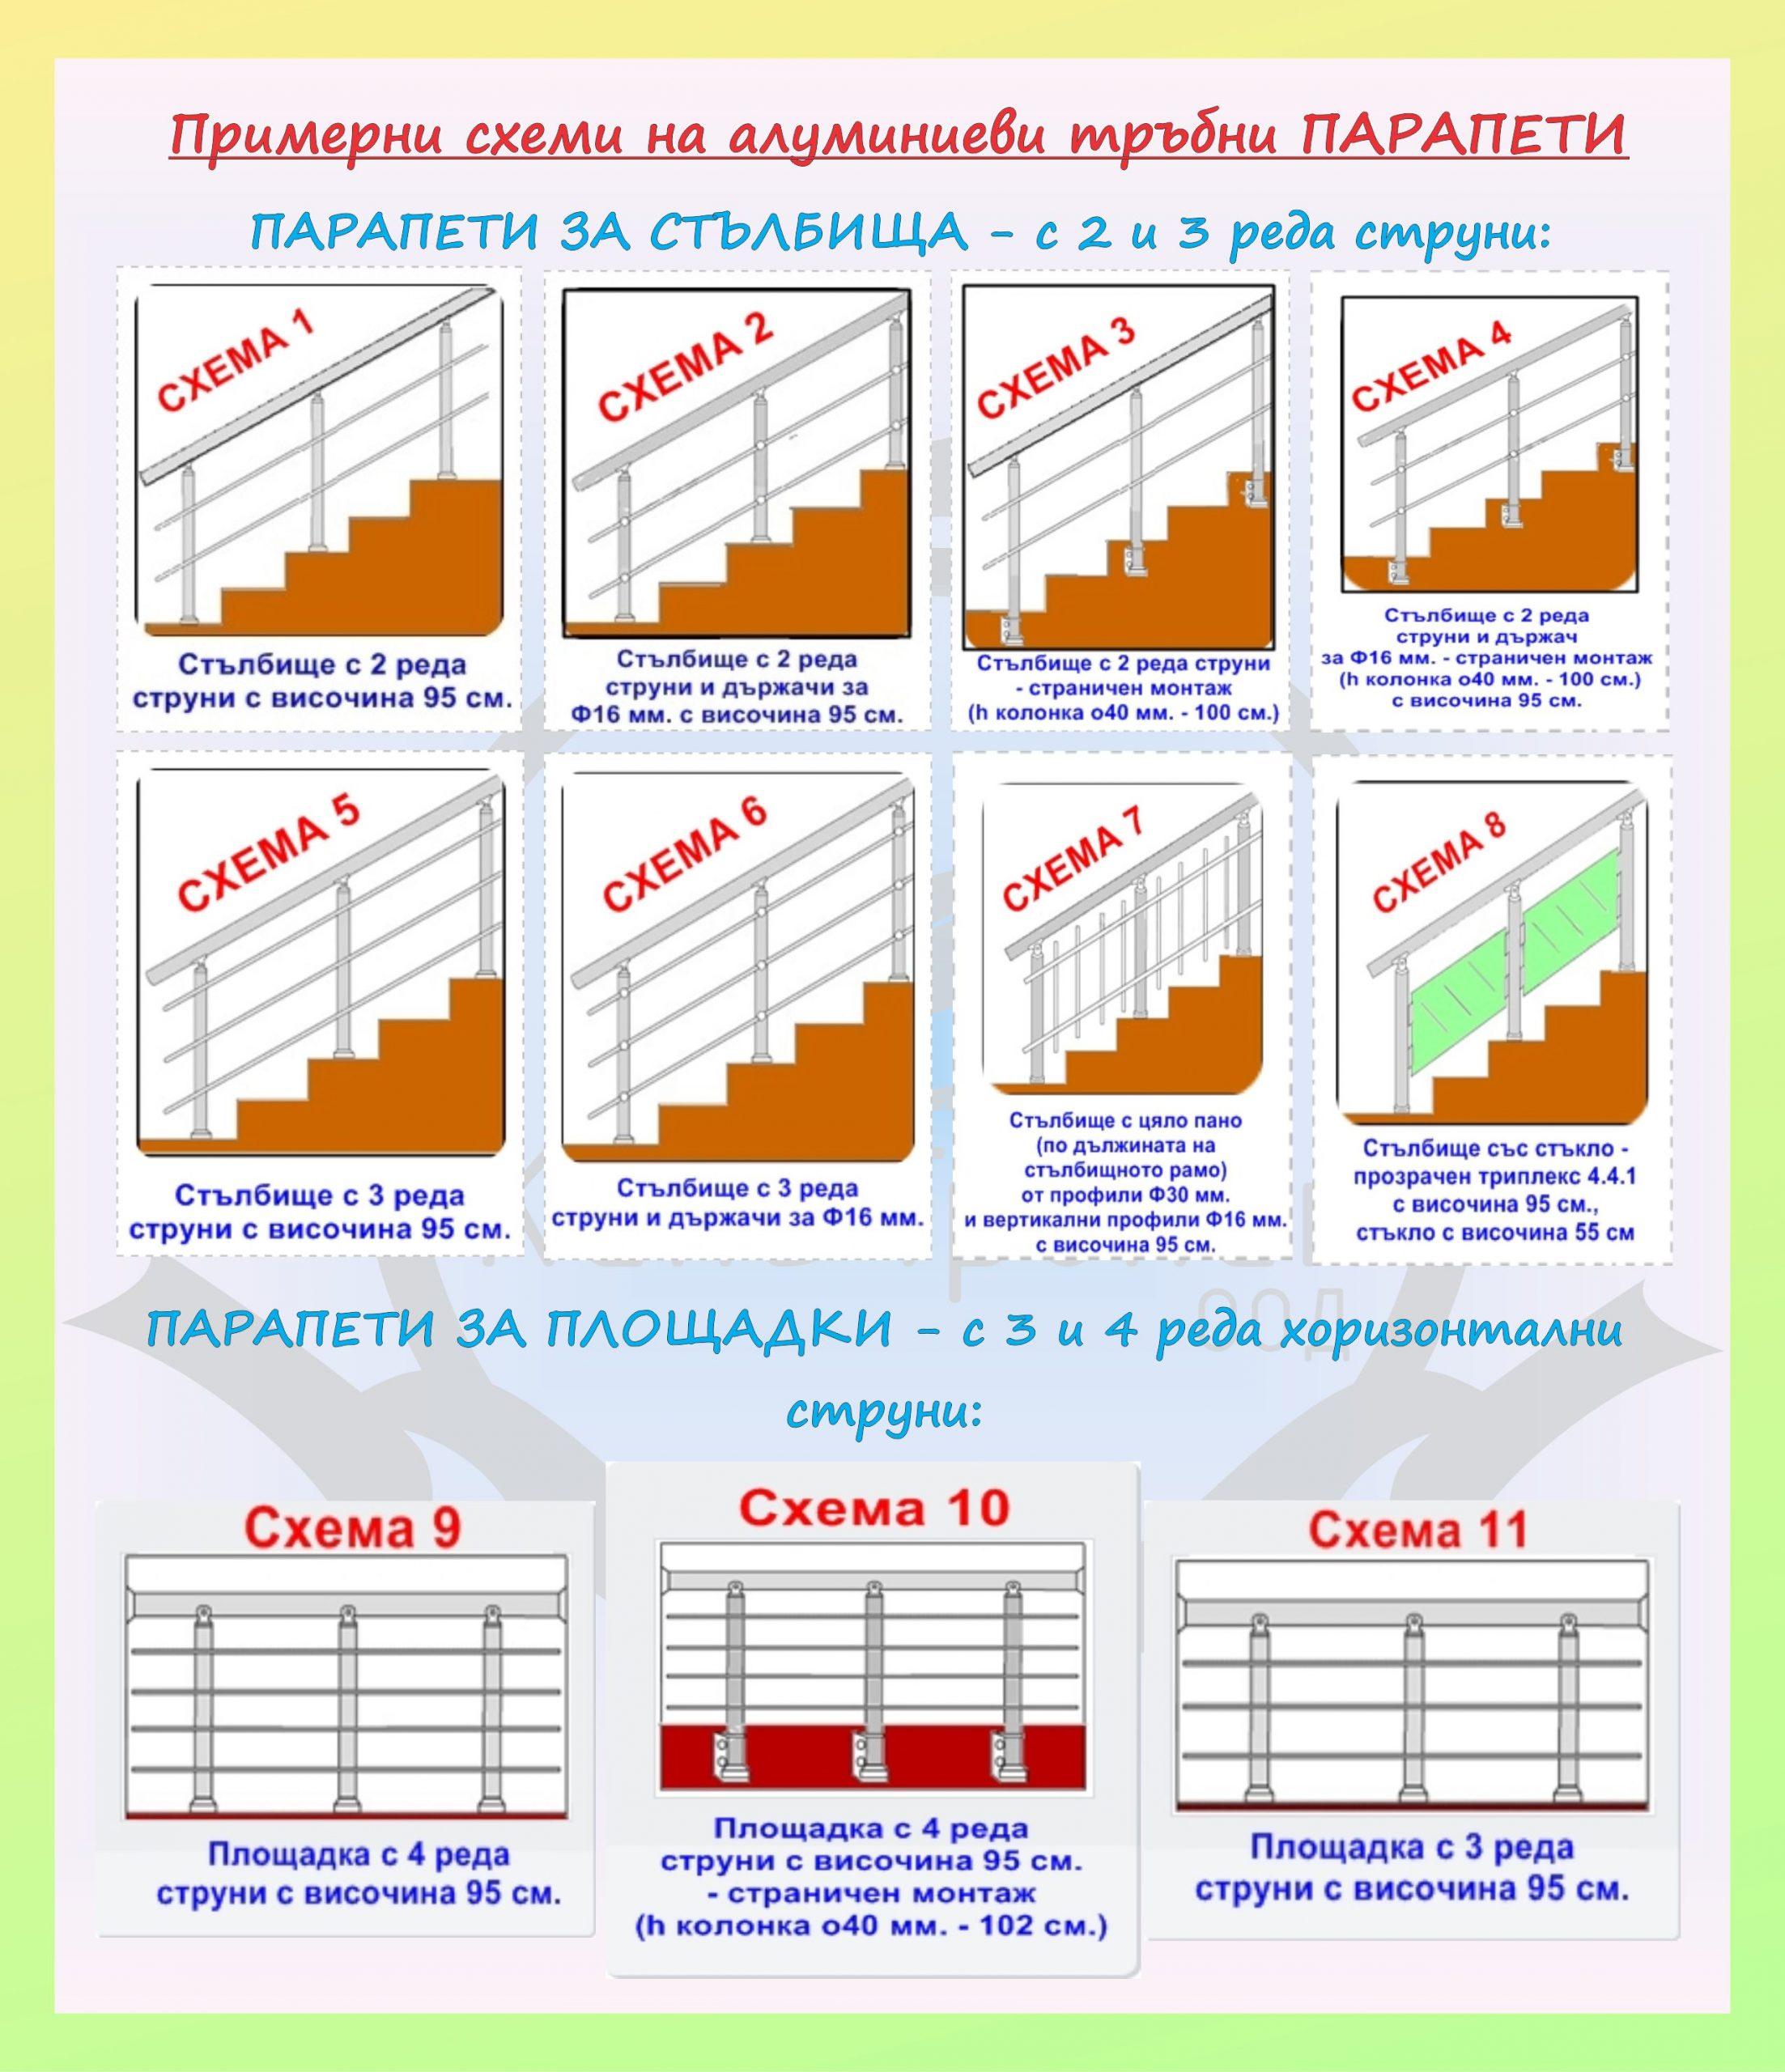 АЛУМИНИЕВИ ПАРАПЕТИ - ПРИМЕРНИ СХЕМИ - 1